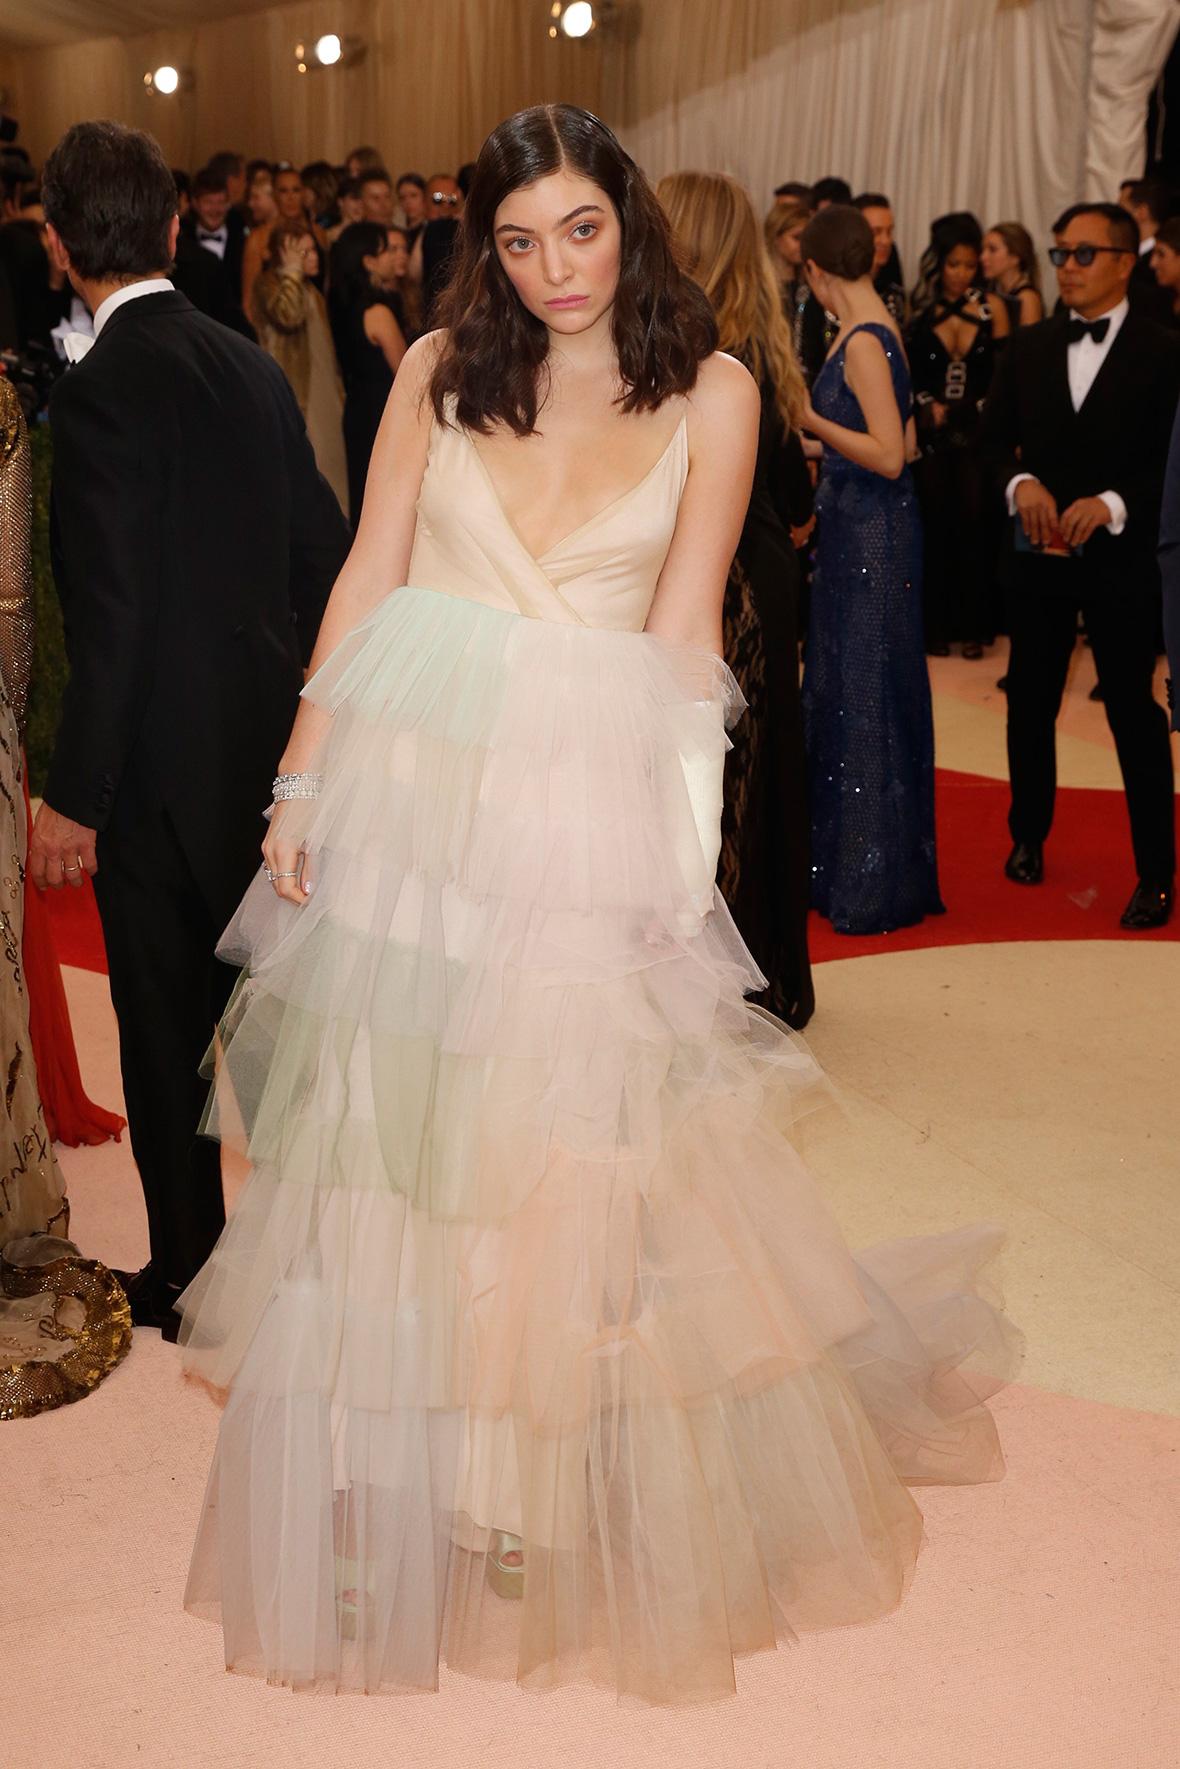 Lorde at the Met Gala 2016